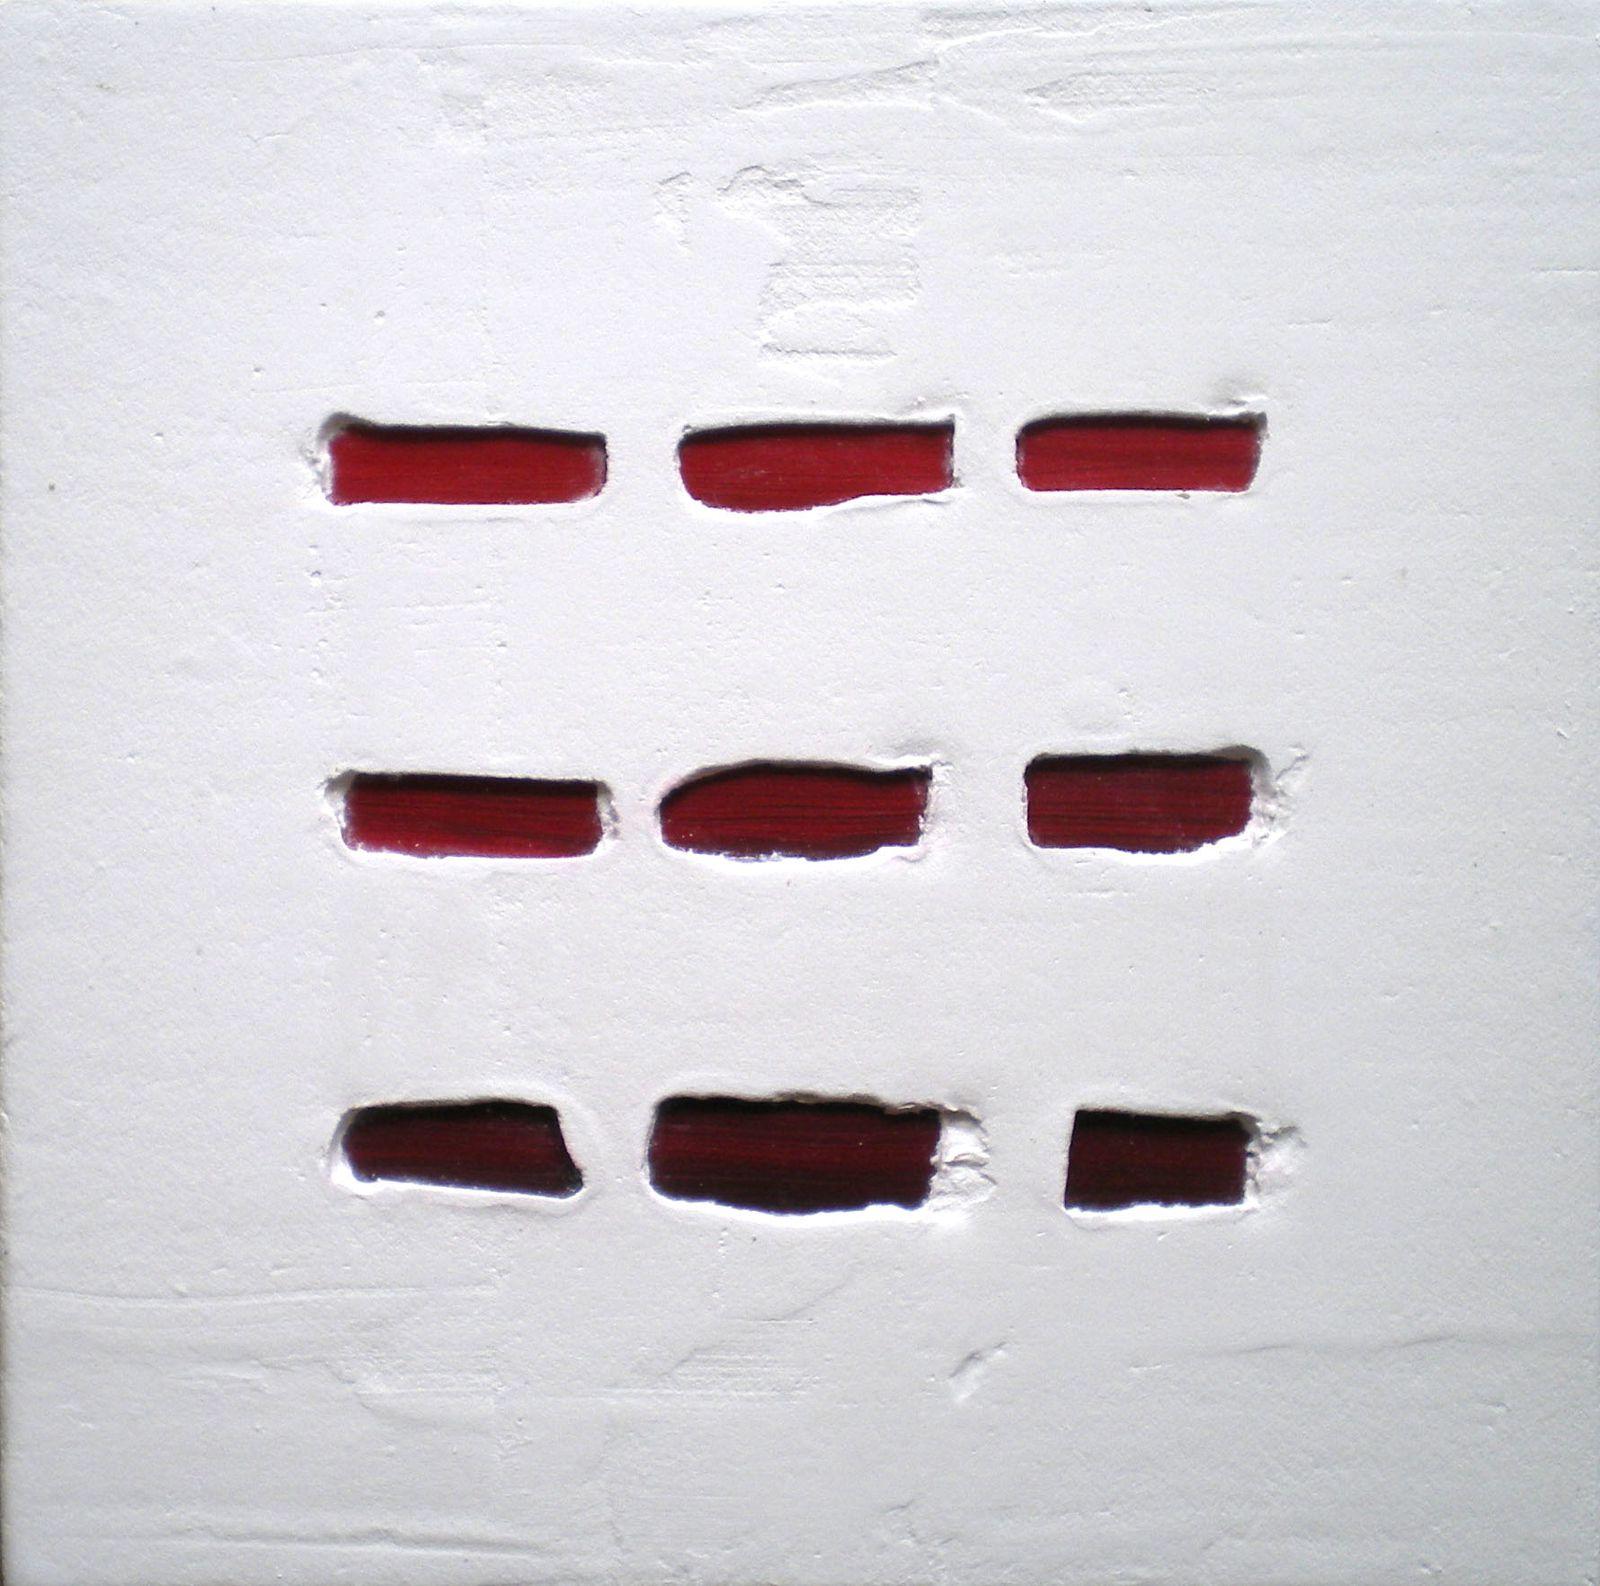 """Série """"Compositions rouges """" © Mā Thévenin - Technique mixte (Plâtre, bois, fils de coton...) - Dim 25x25 cm"""